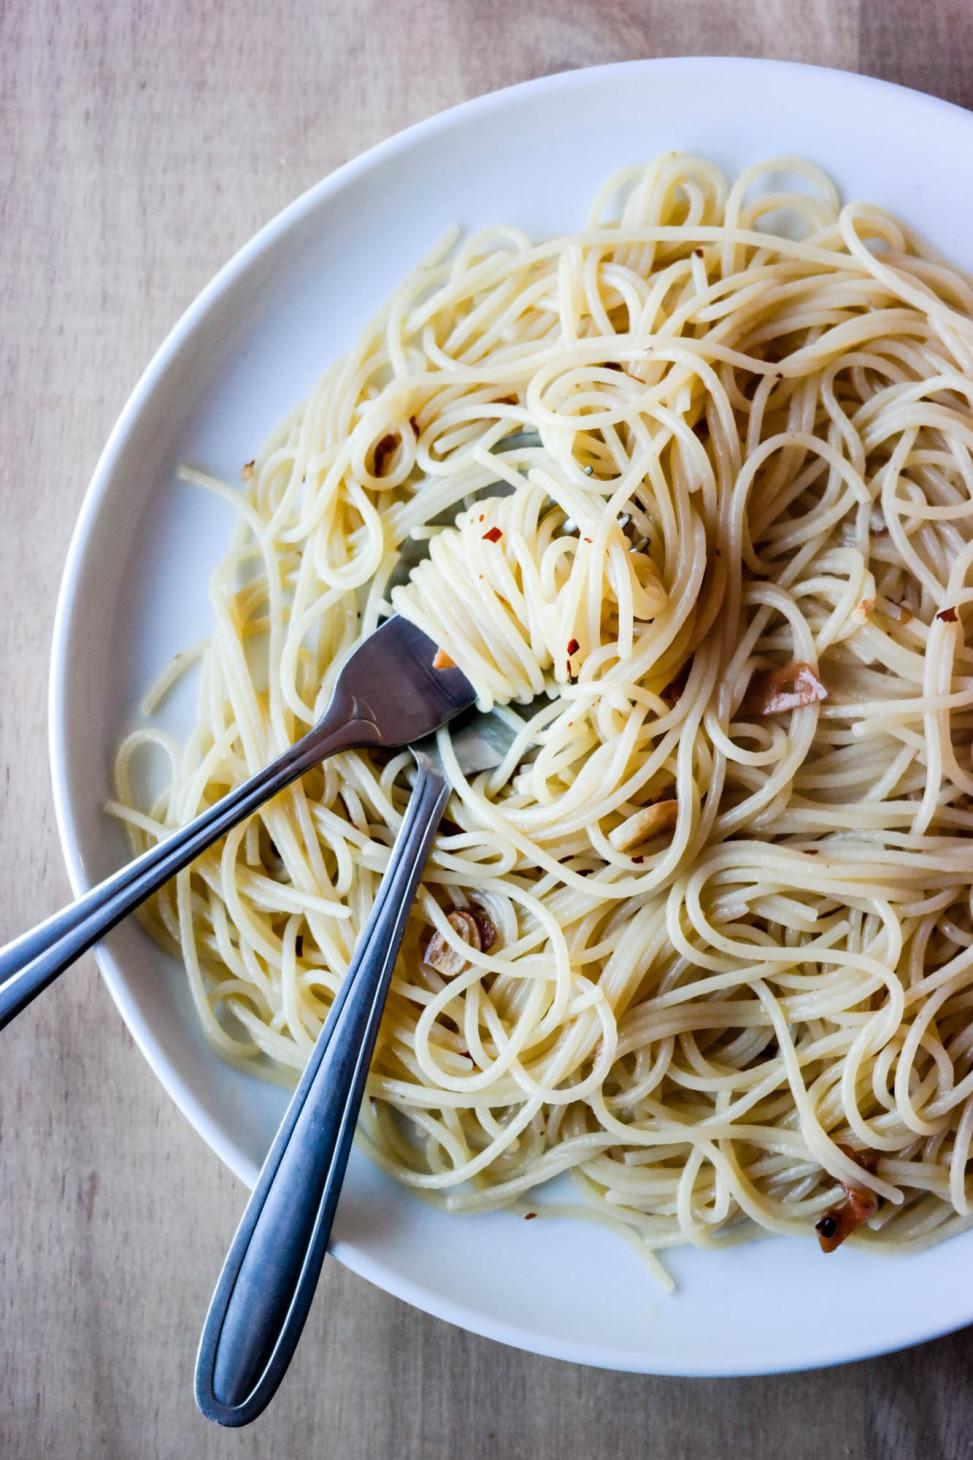 Vegansk spaghetti aglio e olio er den perfekte luksusmiddagen!